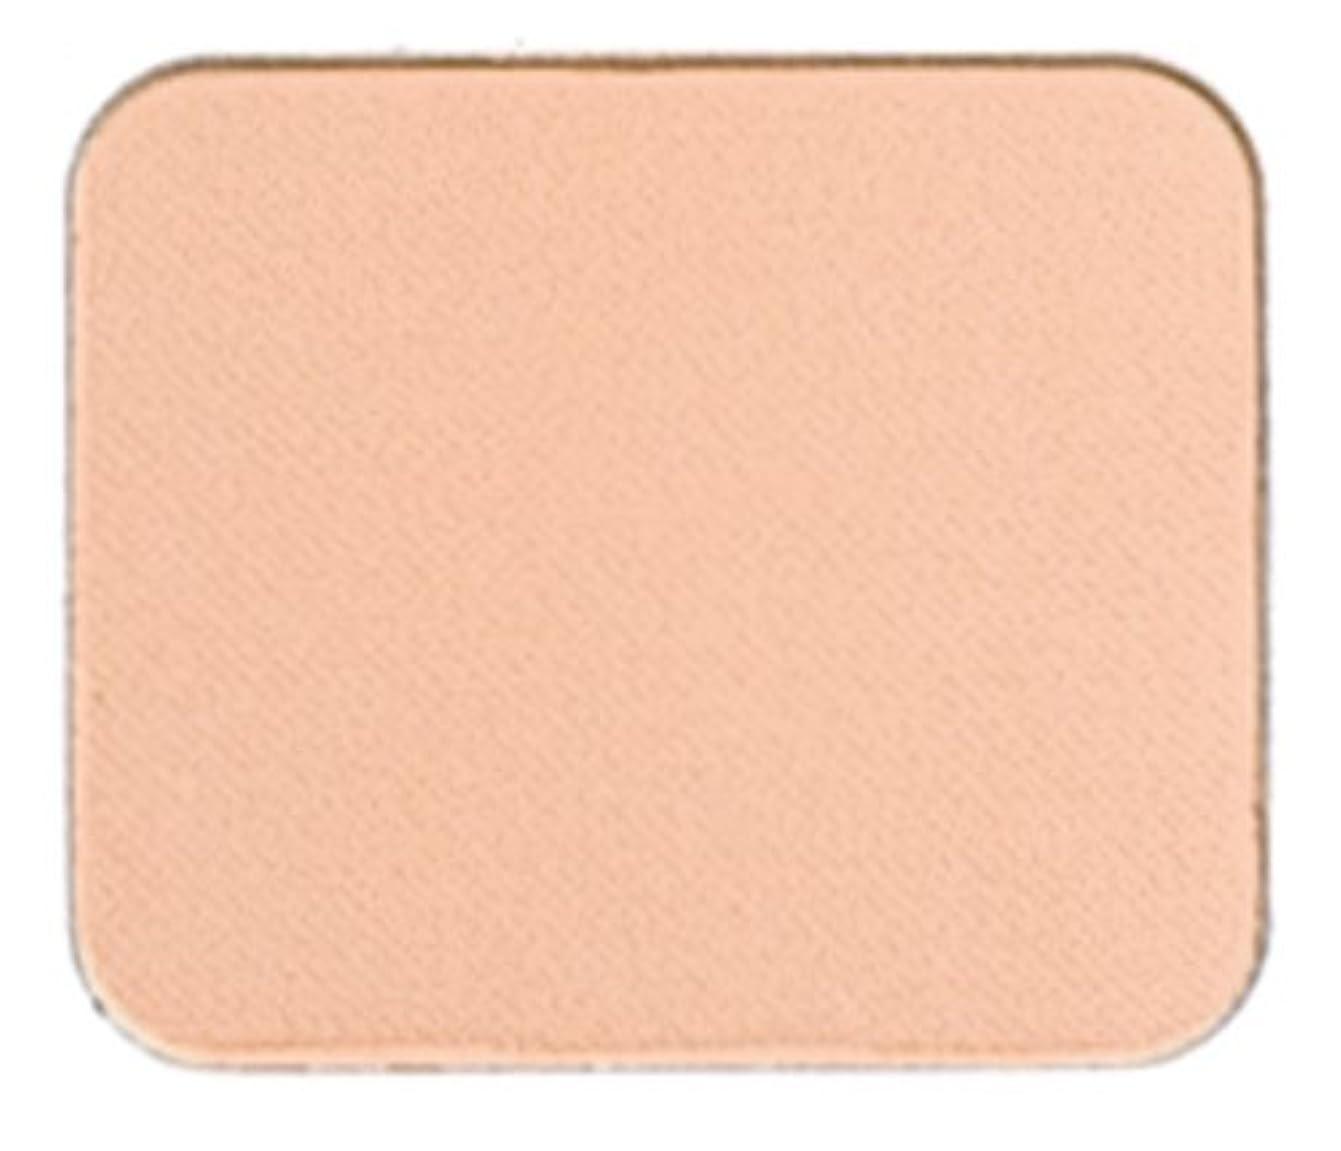 その他制裁排出ドクターシーラボ BBパーフェクト ファンデーション WHITE377プラス レフィル ナチュラル2 (平均的な肌色) 12g SPF25 PA++